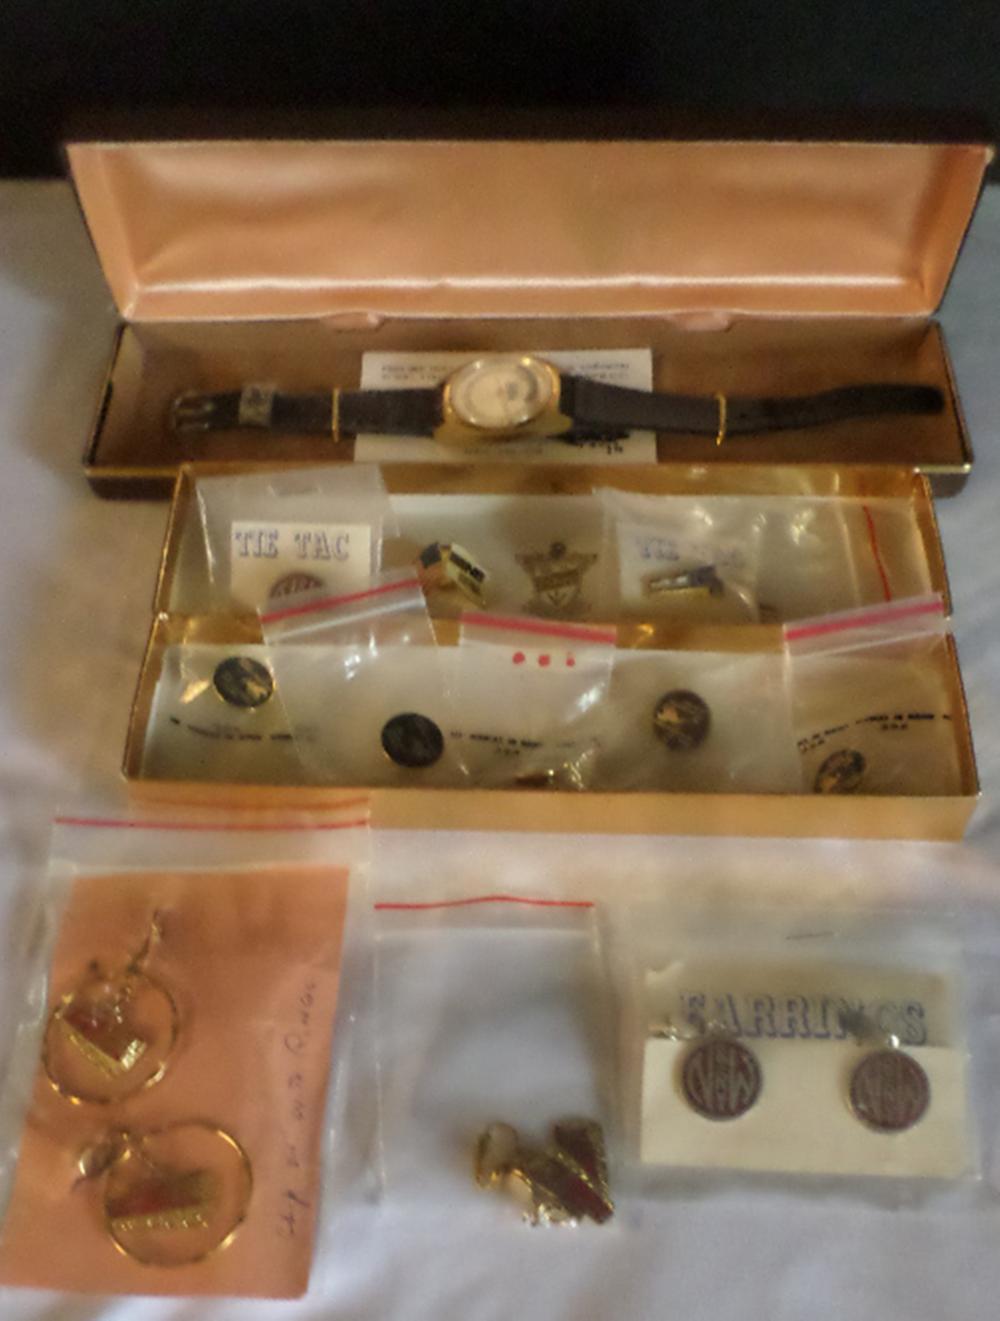 3 Pair N & W Earrings, N & W Watch /w Case, 5 Norfolk Southern pins, Assorted N & W Pins